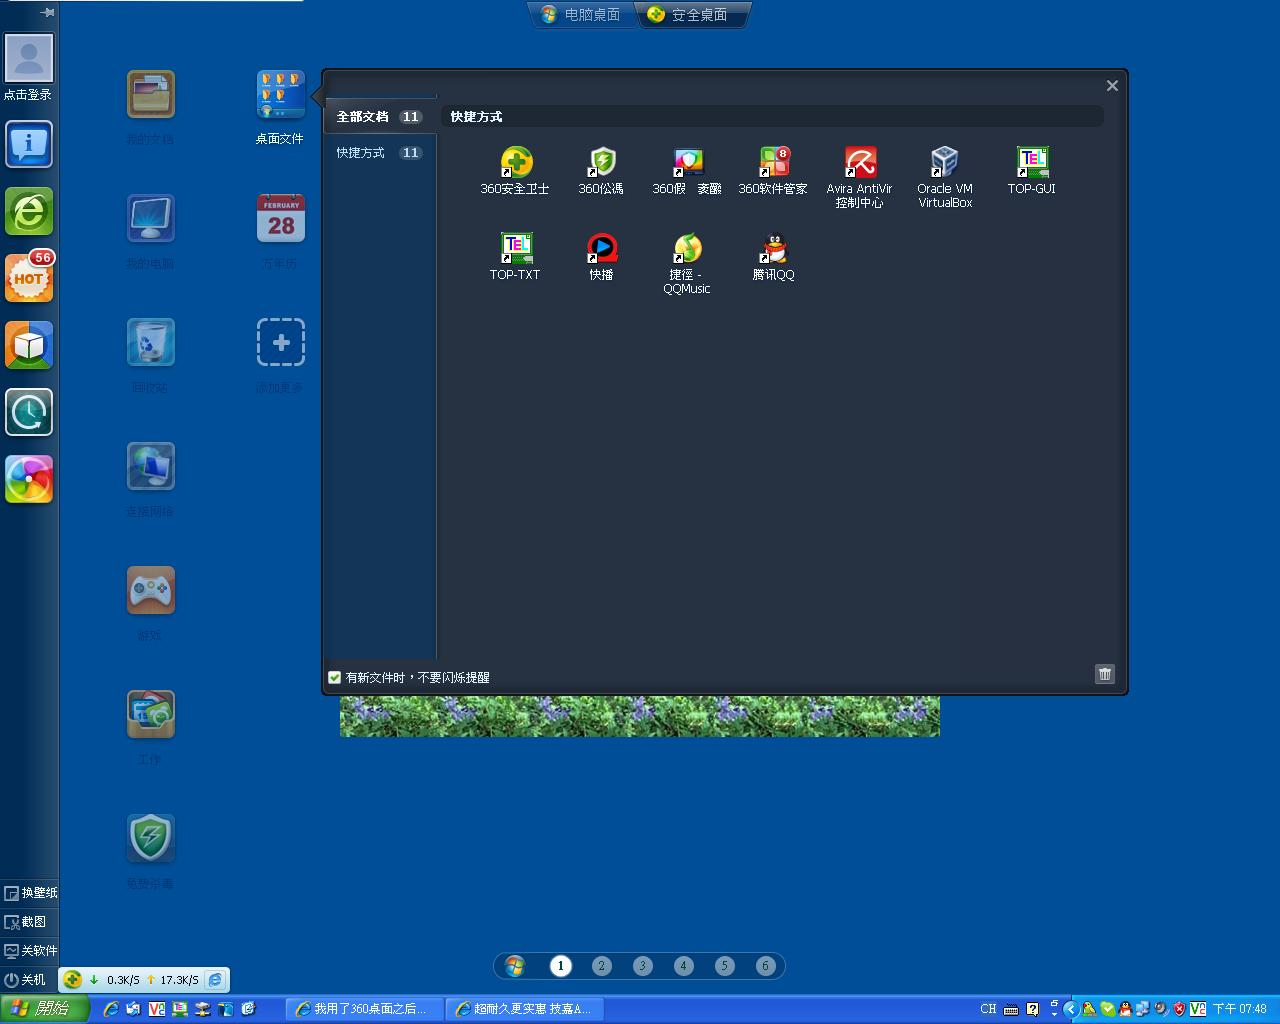 电脑桌面图标都没了 个性电脑桌面图标下载 电脑桌面怎么变小了